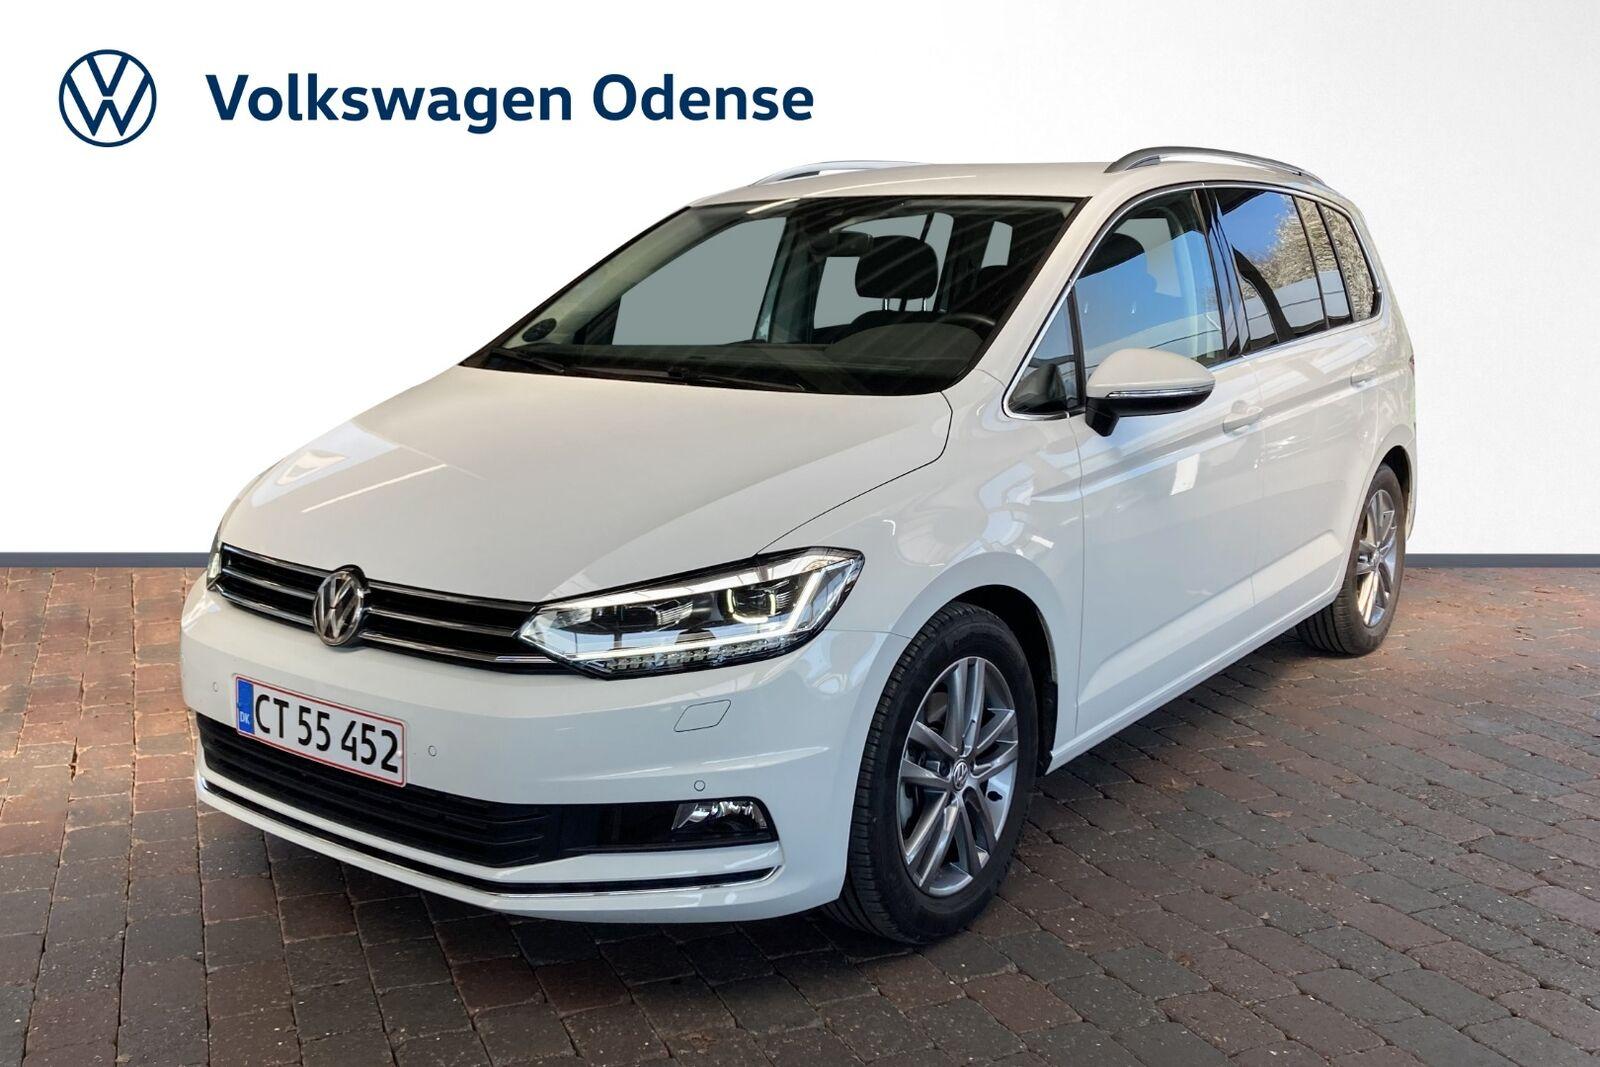 VW Touran 2,0 TDi 190 Highline DSG 5d - 359.900 kr.